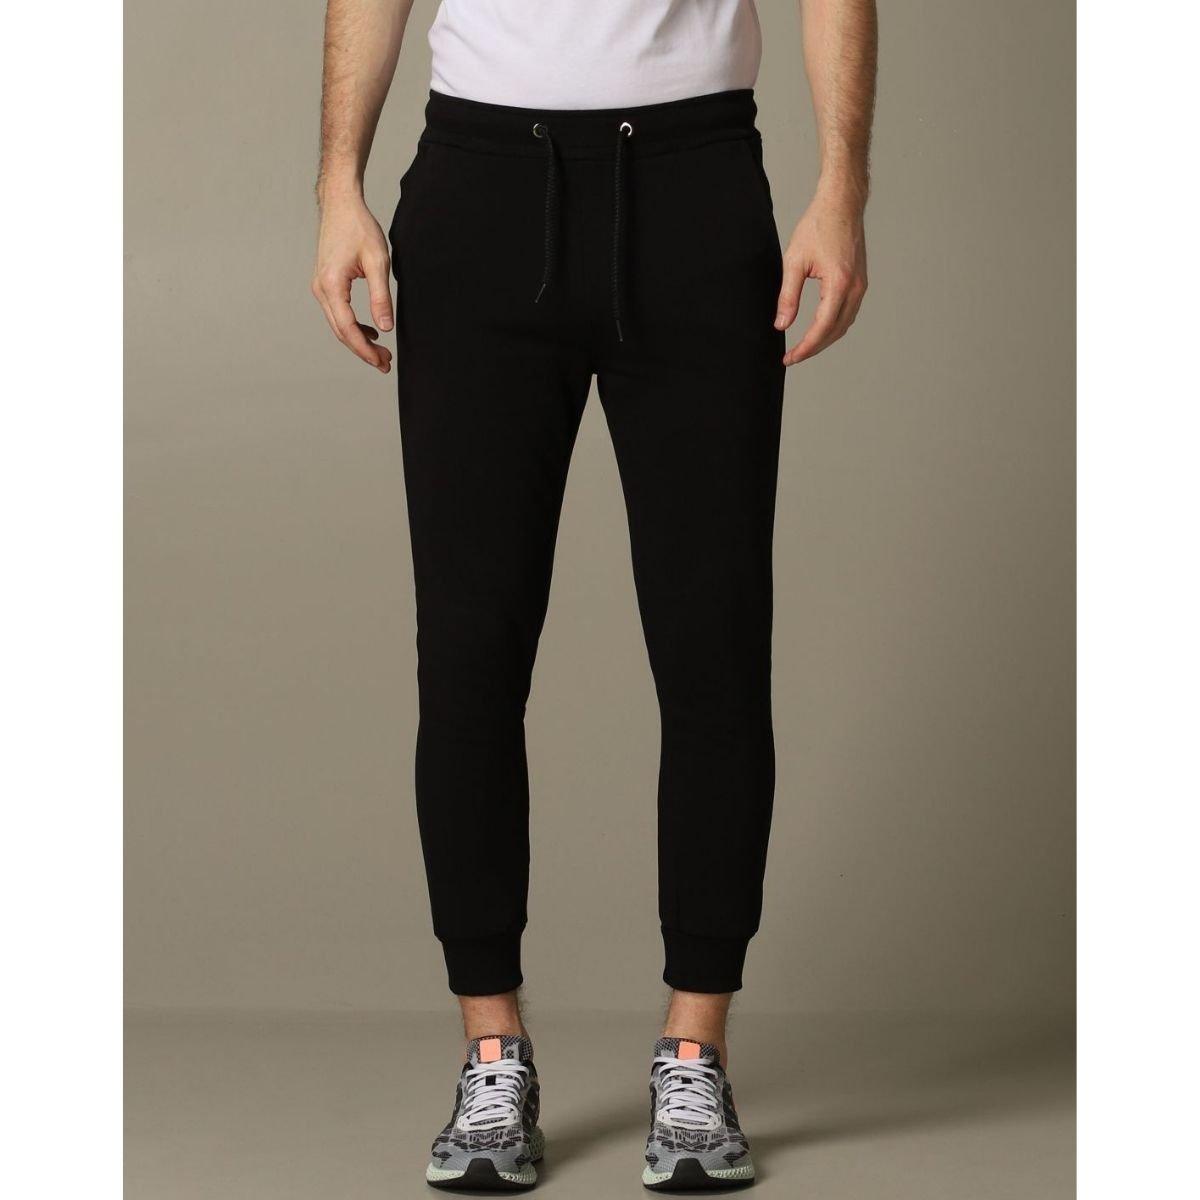 Pantalone Juventus Jogging...